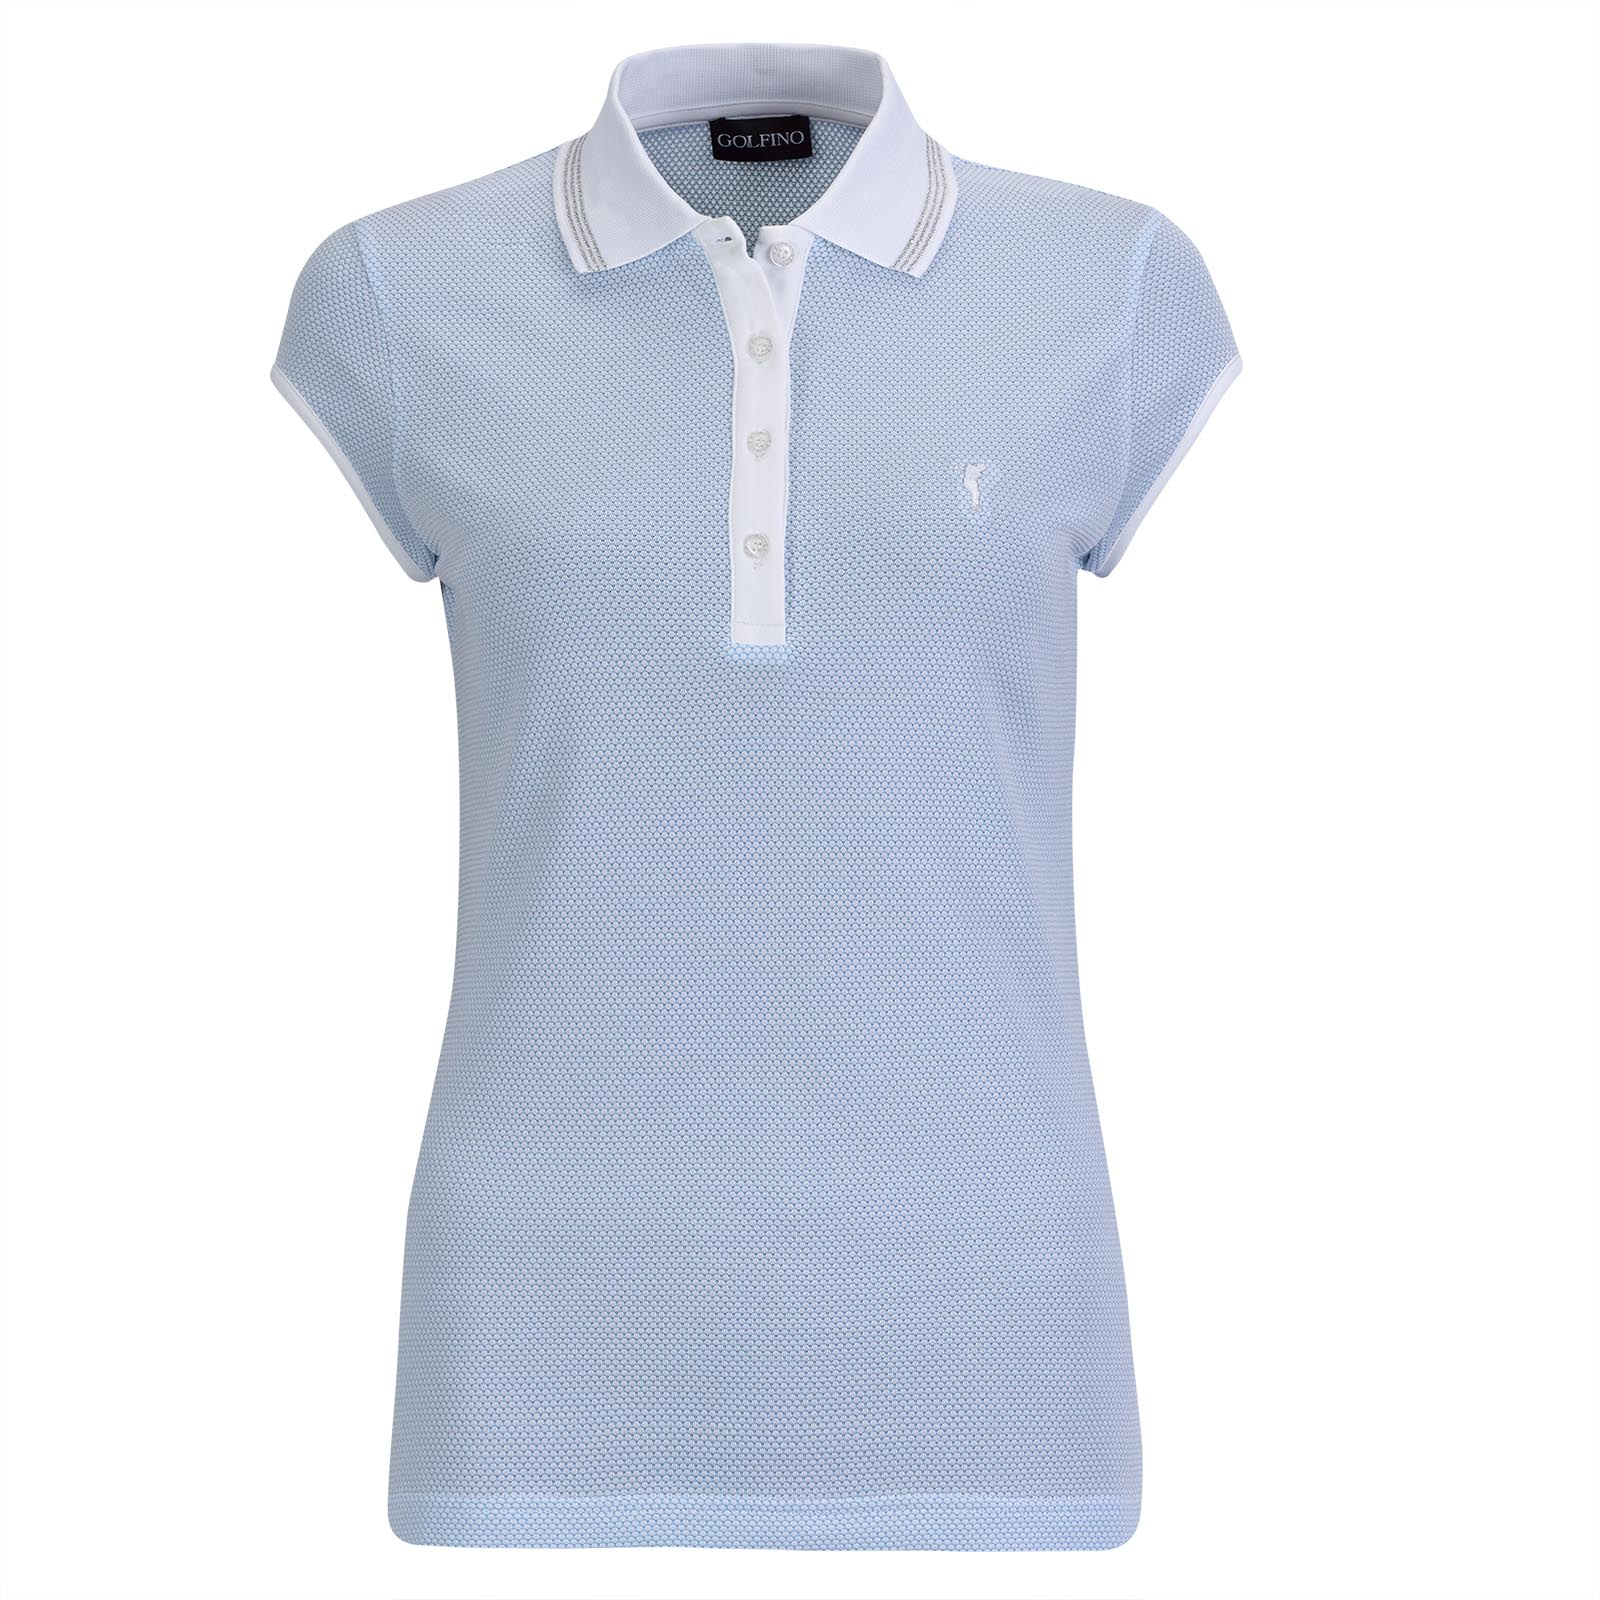 Damen Golfpolo mit Flügelärmeln aus hochwertigem Bubble Jacquard Stoff